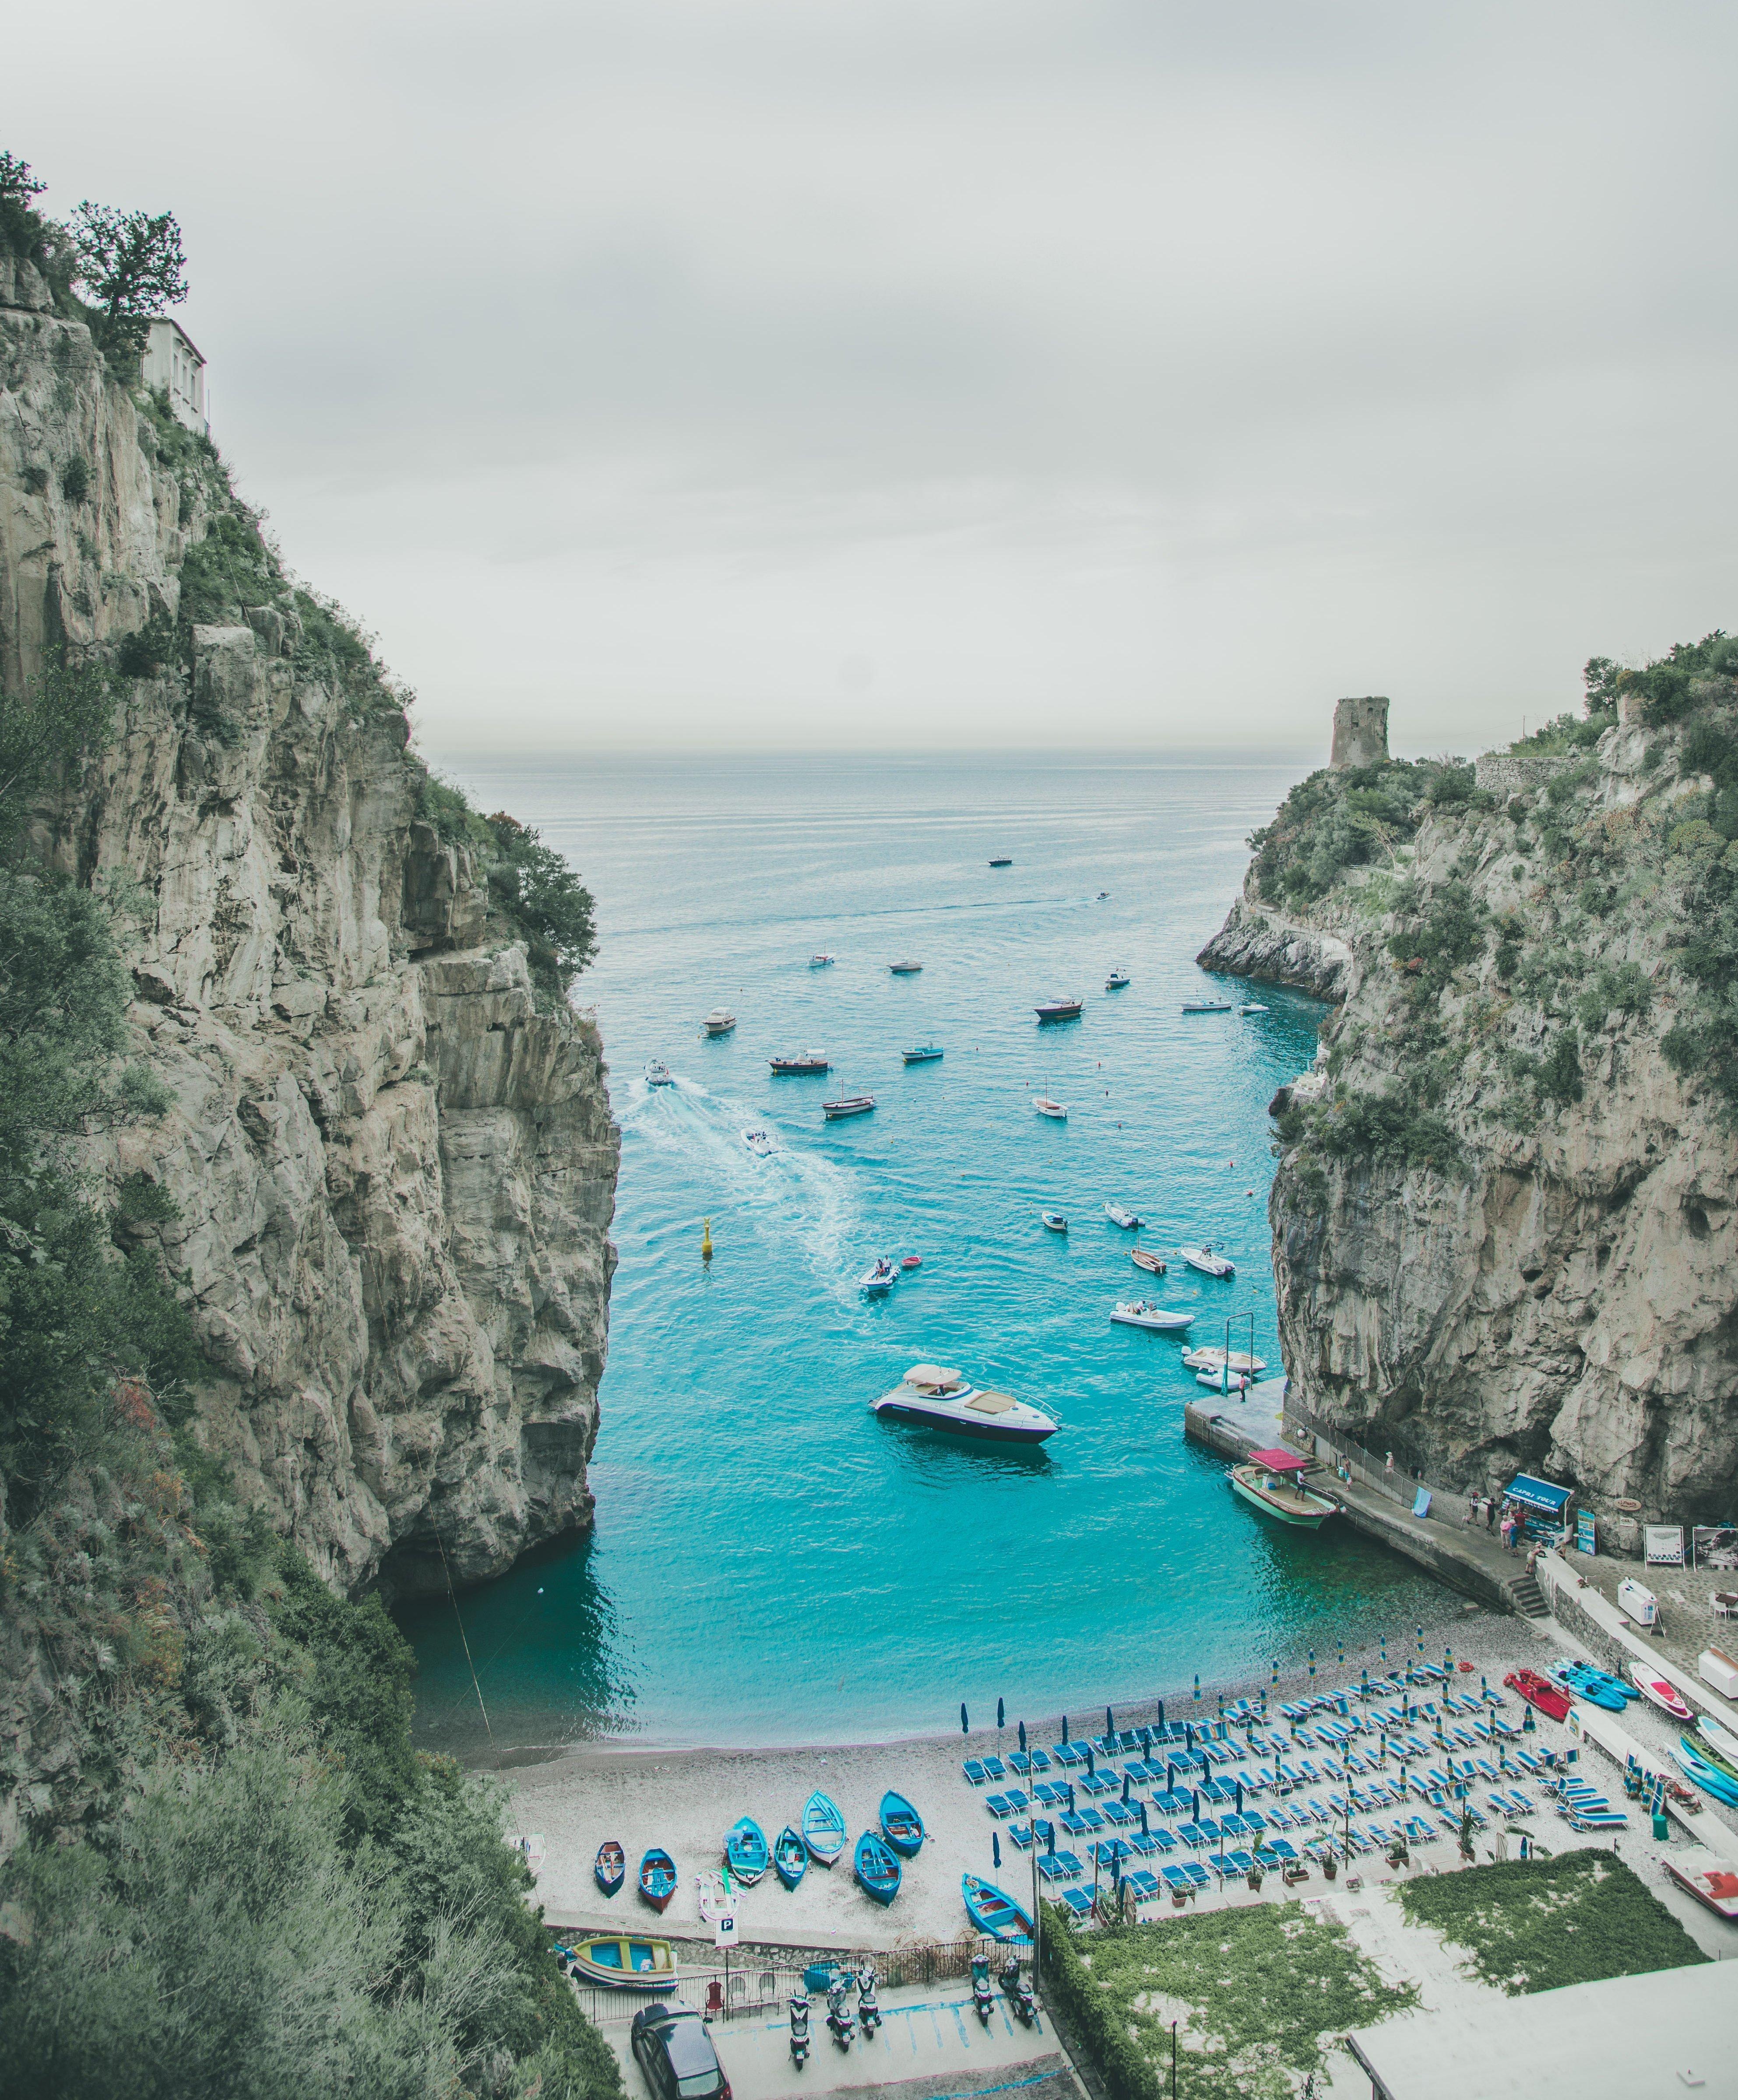 Fiordo di Furore, Amalfi Coast